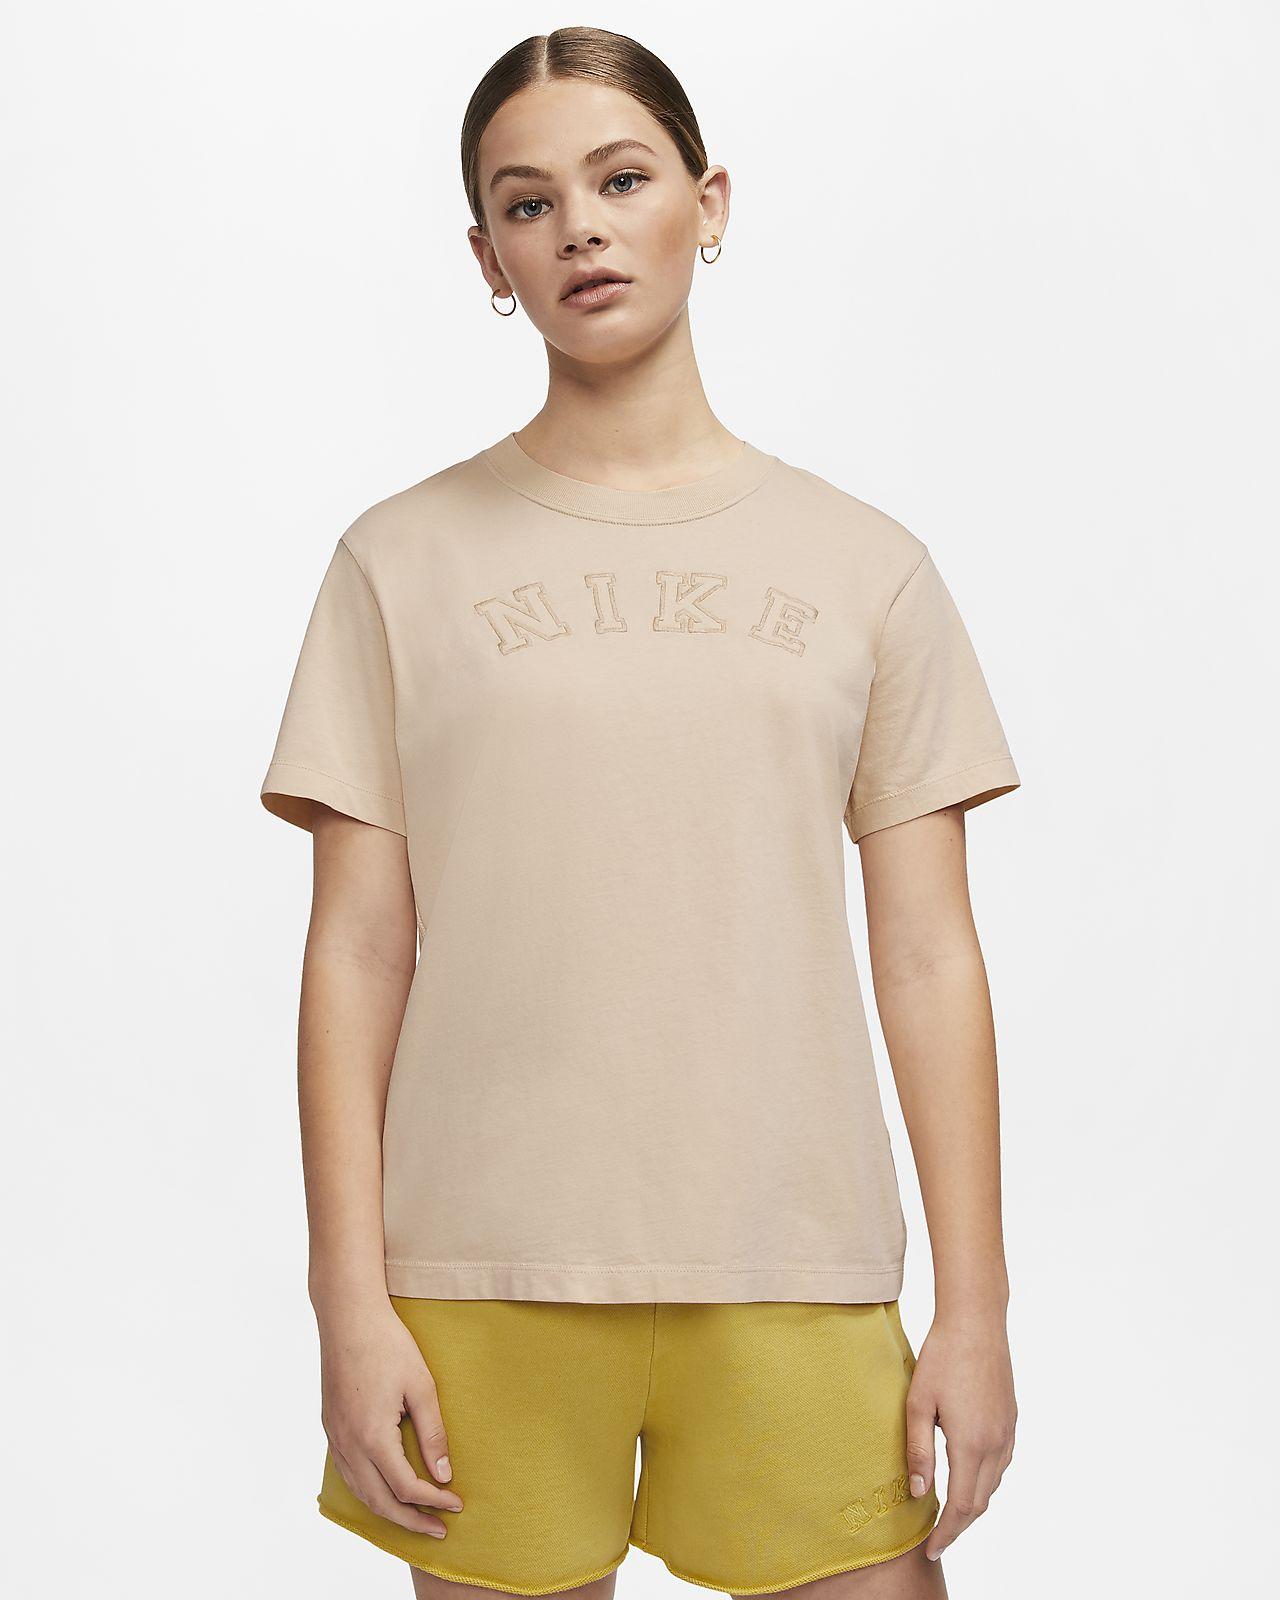 Nike Sportswear női felső